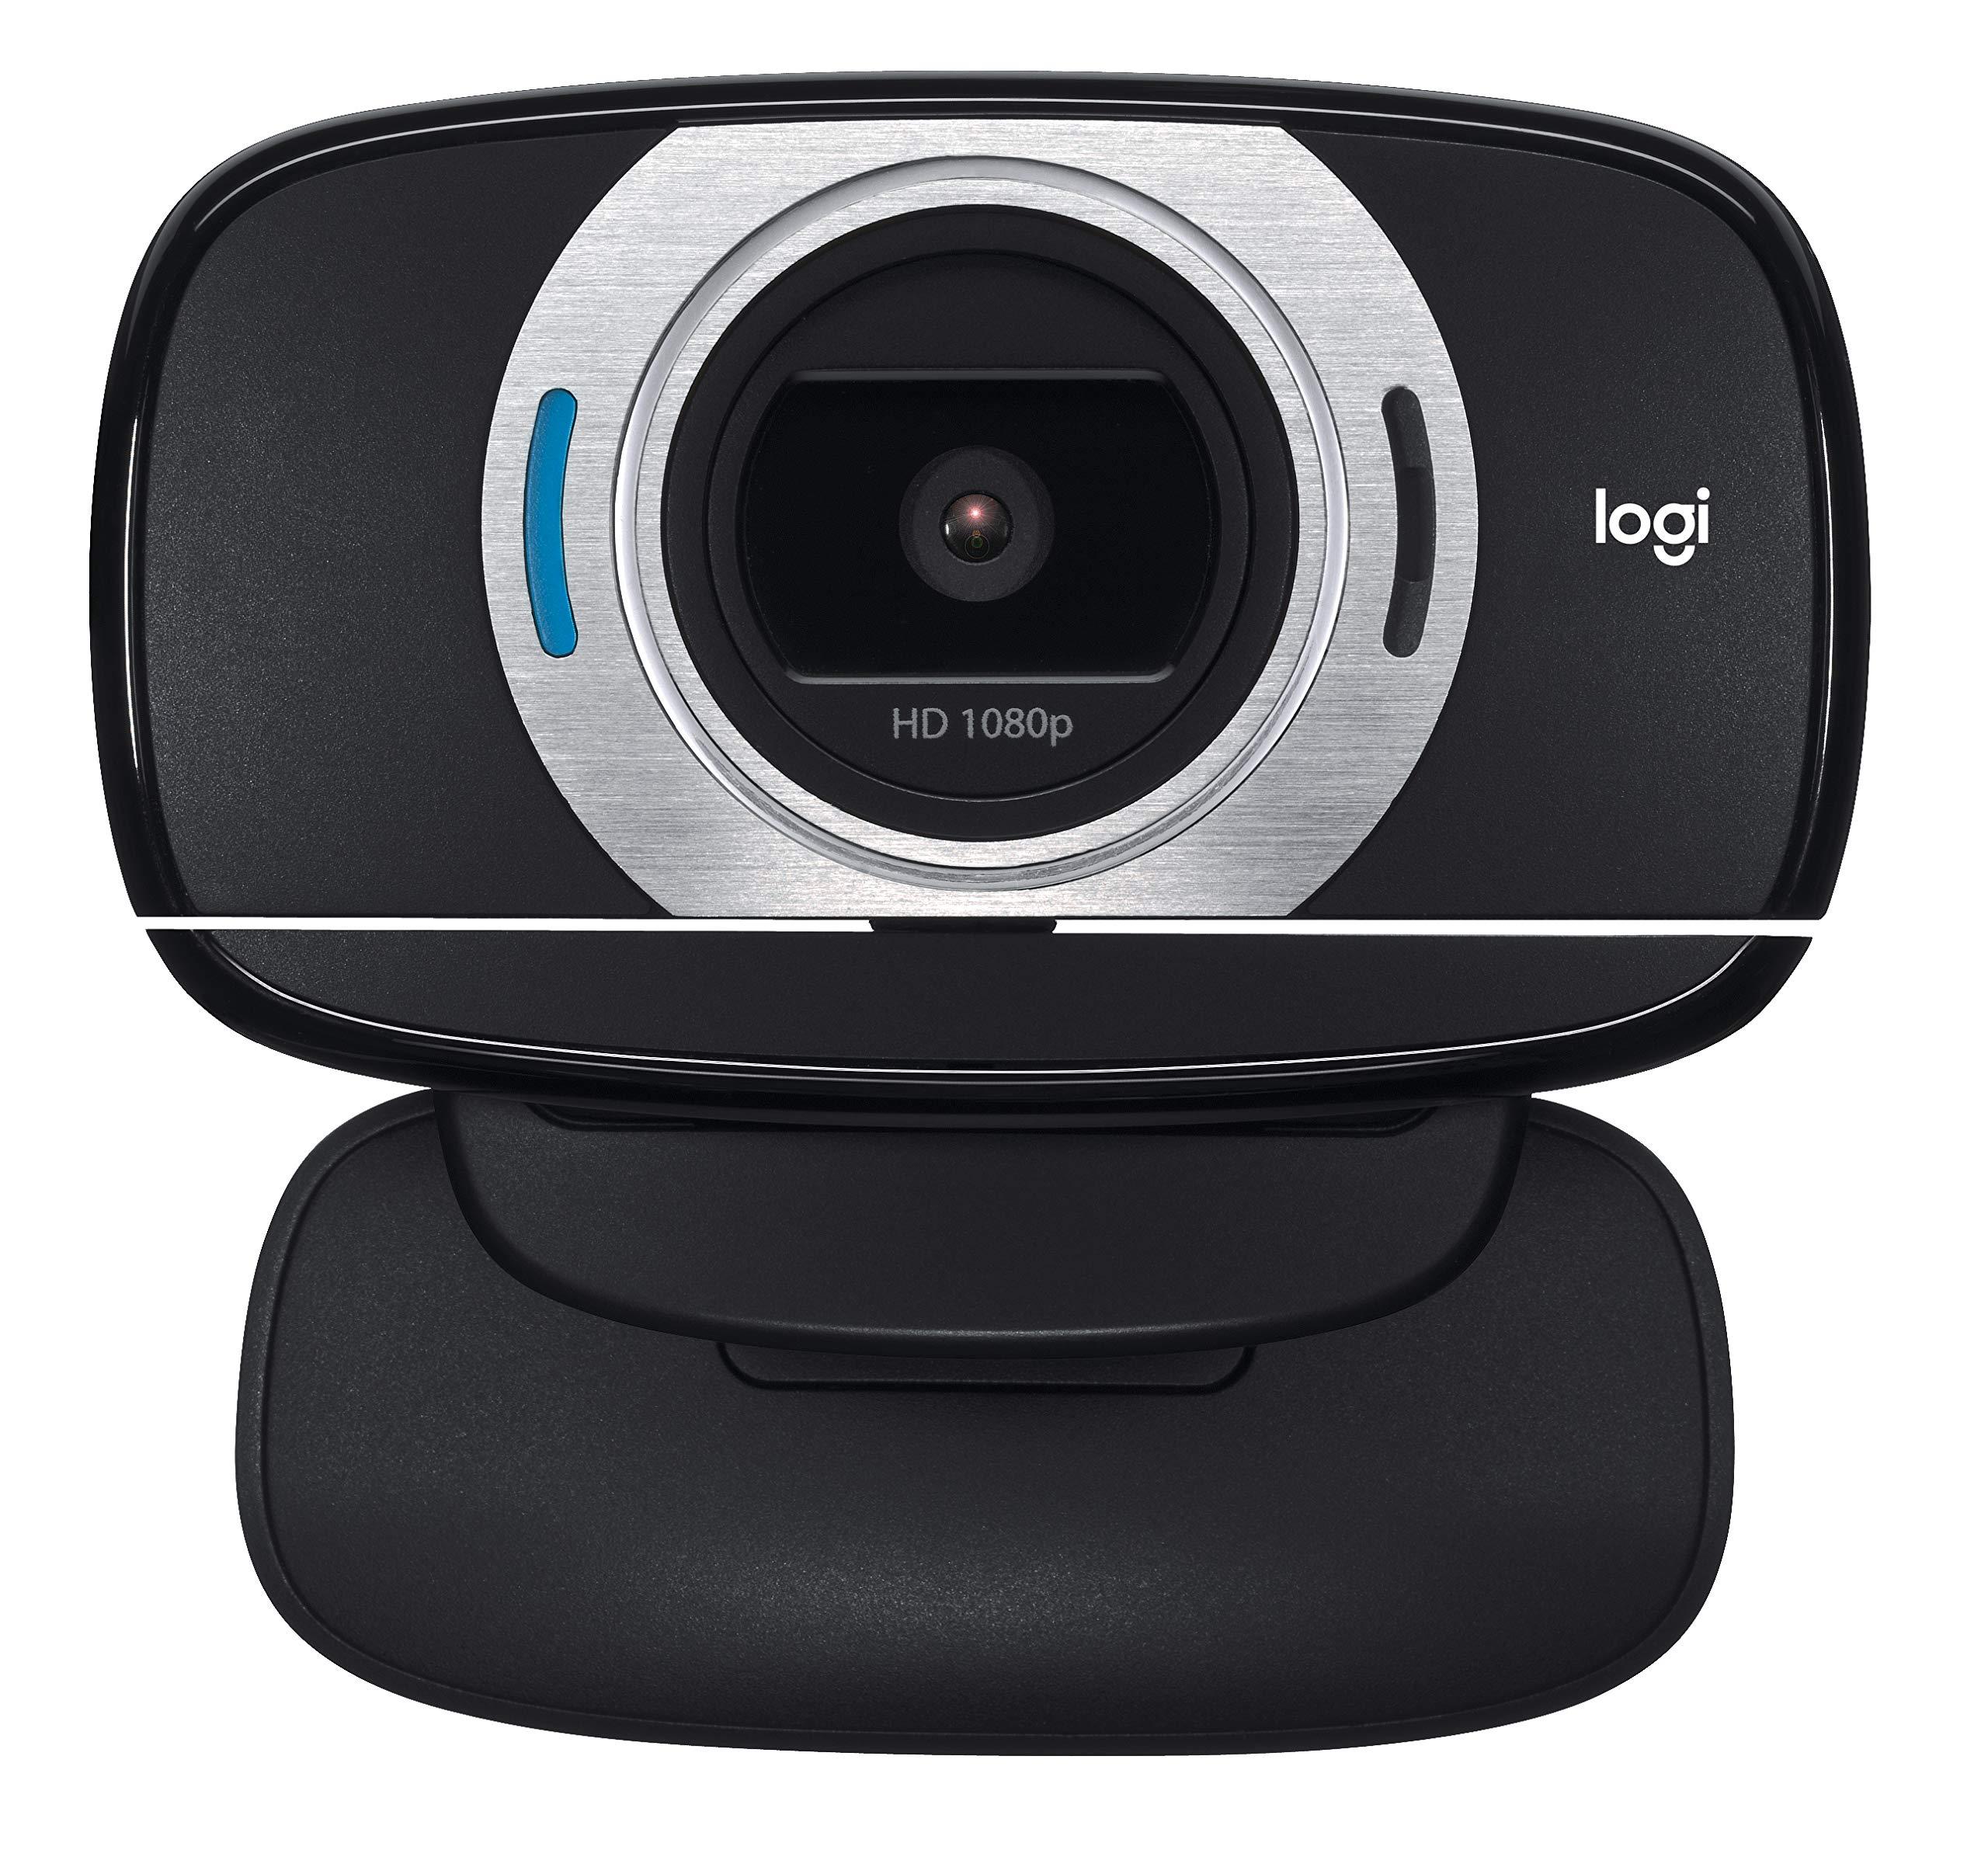 로지텍 HD 웹캠 C615 화상 카메라 Logitech HD Laptop Webcam C615 with Fold-and-Go Design, 360-Degree Swivel, 1080p Camera,Standard Packaging